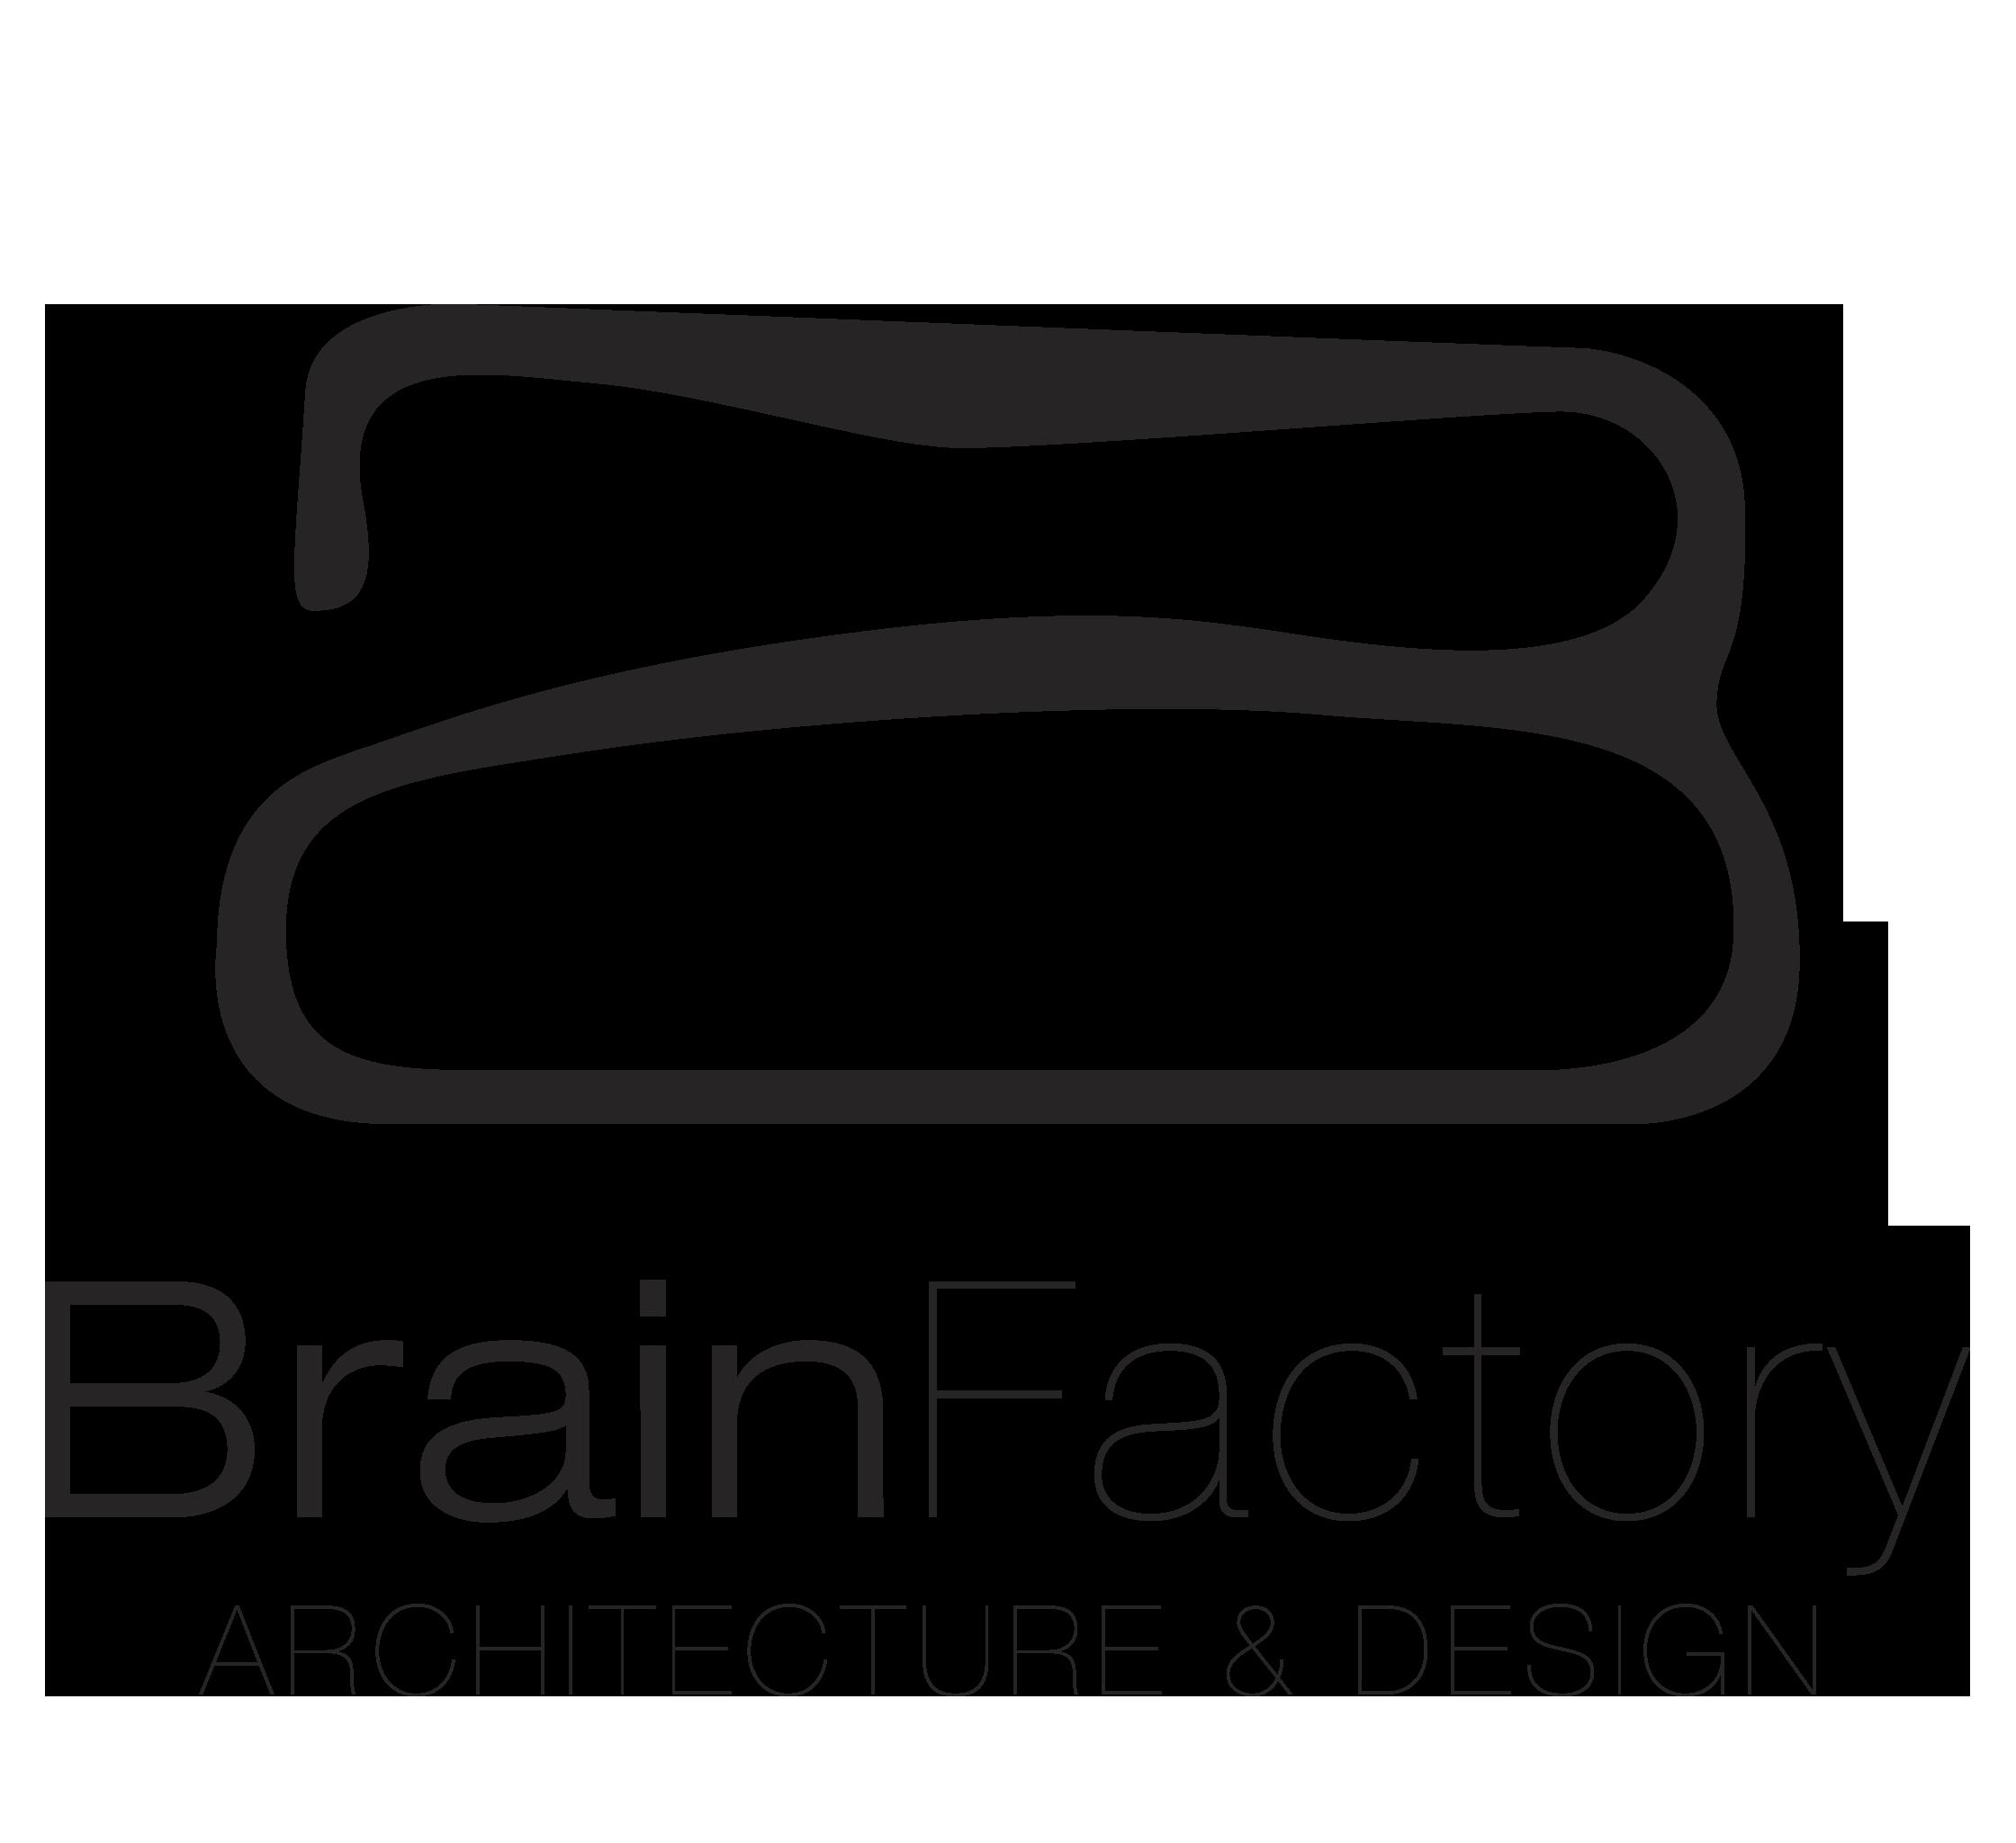 Studi Architettura Roma Lavoro studio architettura roma - brain factory architecture & design